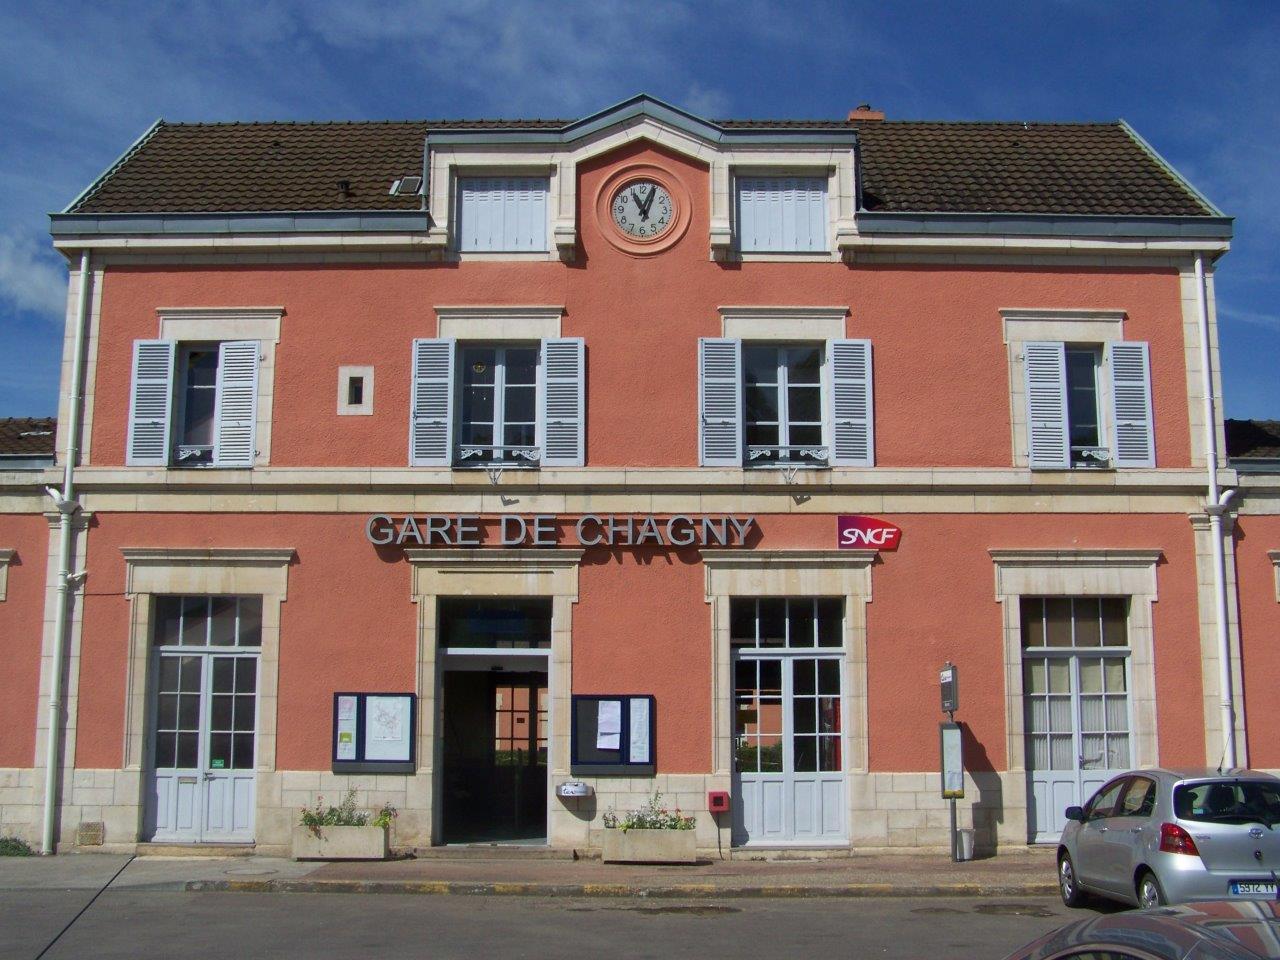 gare-de-chagny-train-station